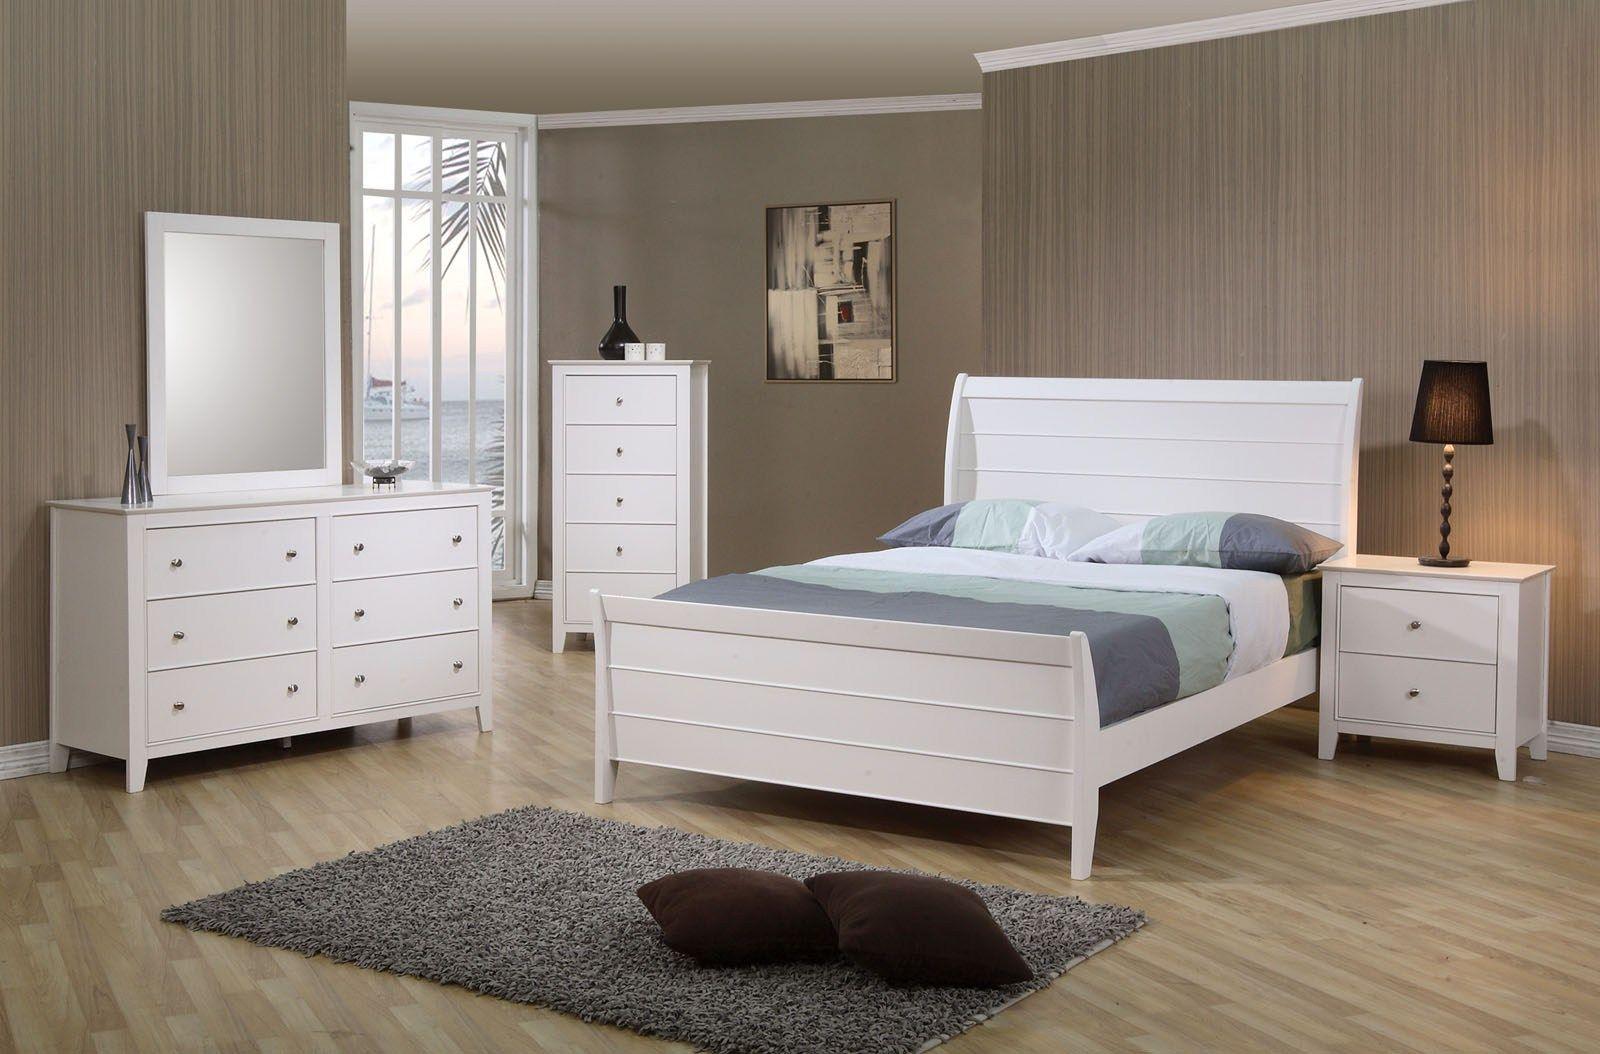 Ikea Bedroom Furniture Sets Value City Furniture Elegant